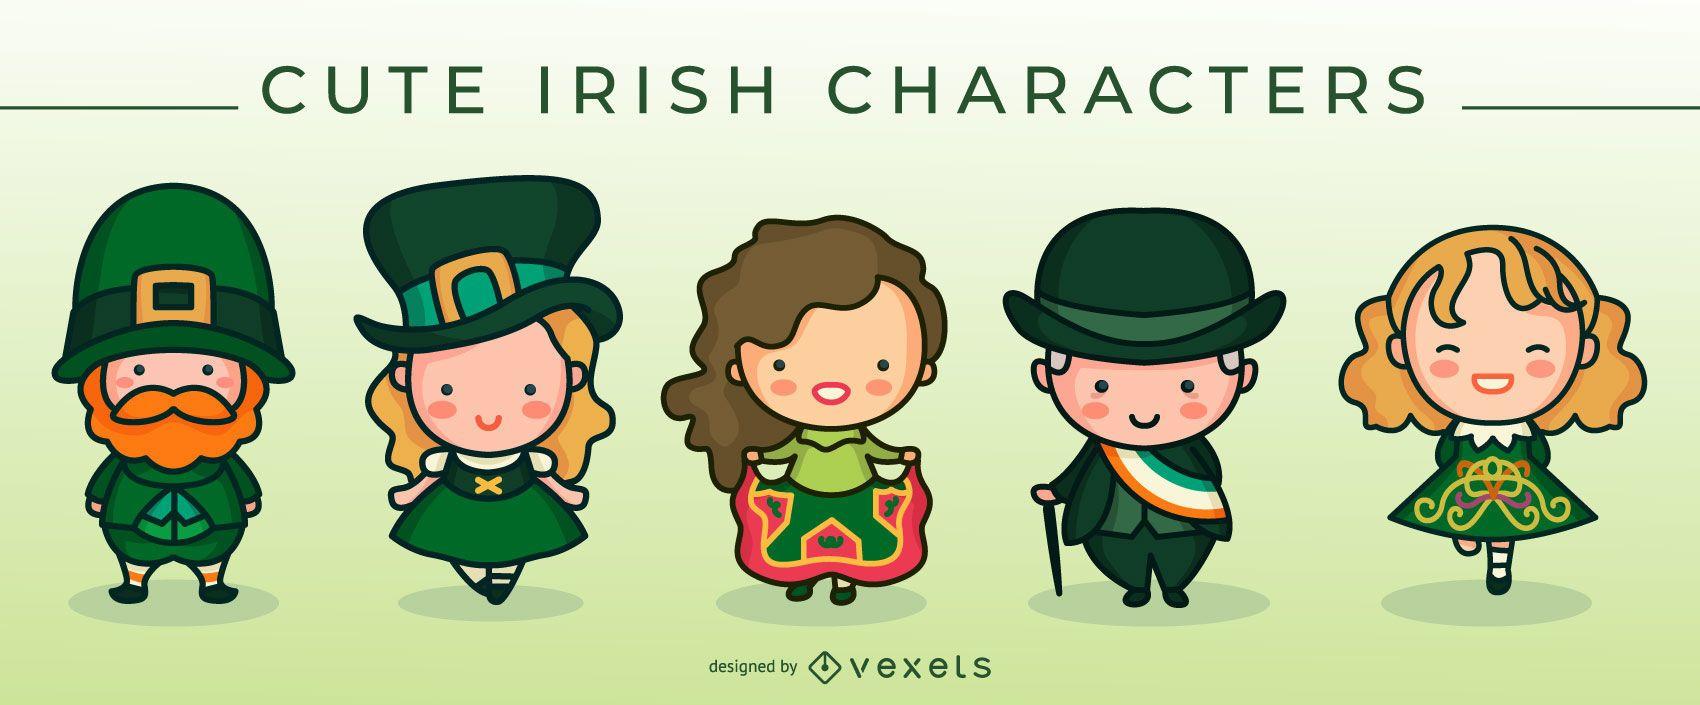 Cute irish characters set